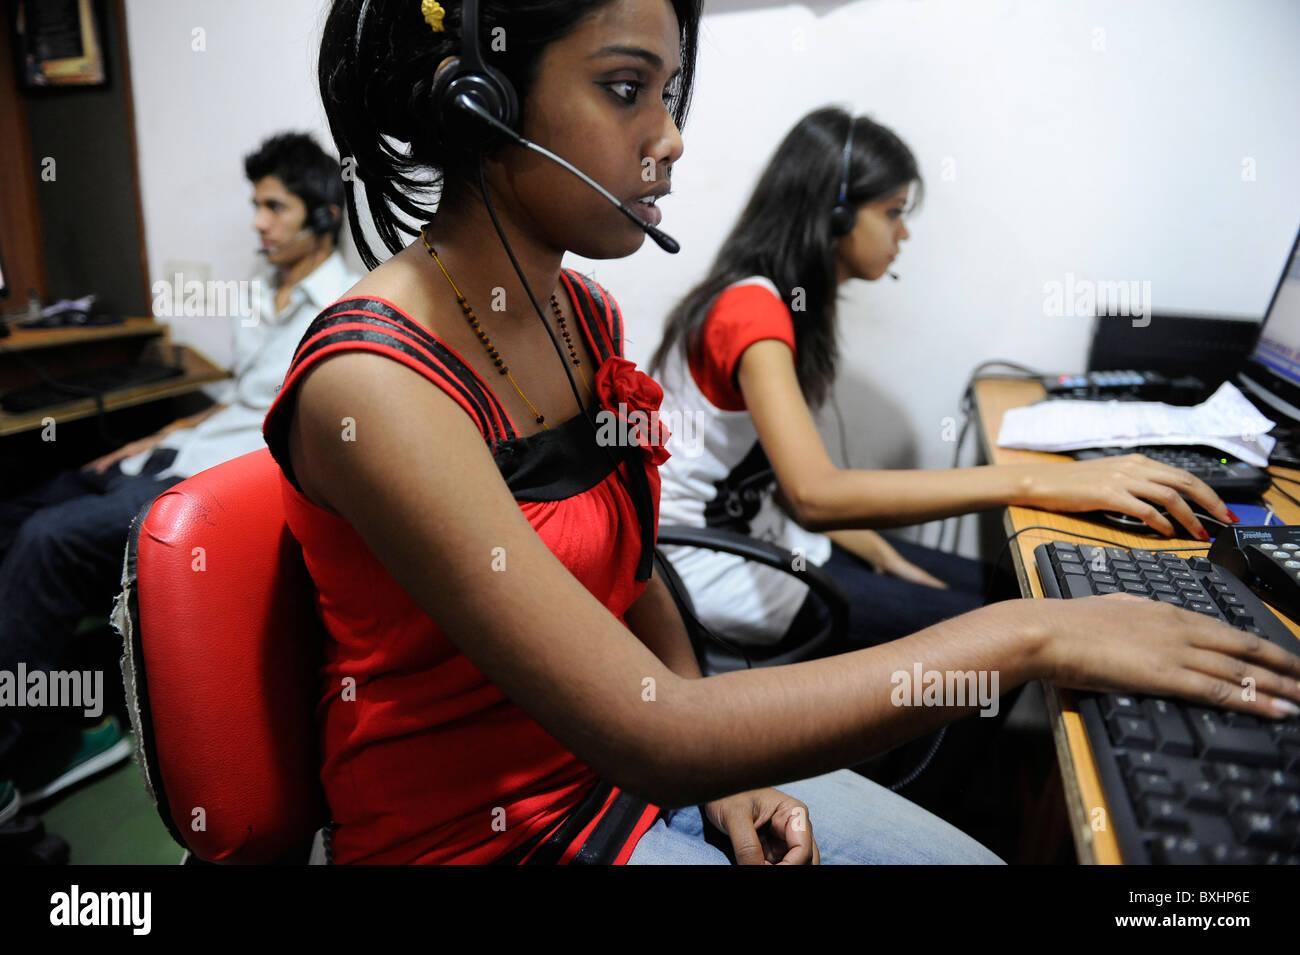 Asia del Sud India Kolkata Calcutta , giovani donne lavorano in call center chiamando US o UK cliente Immagini Stock